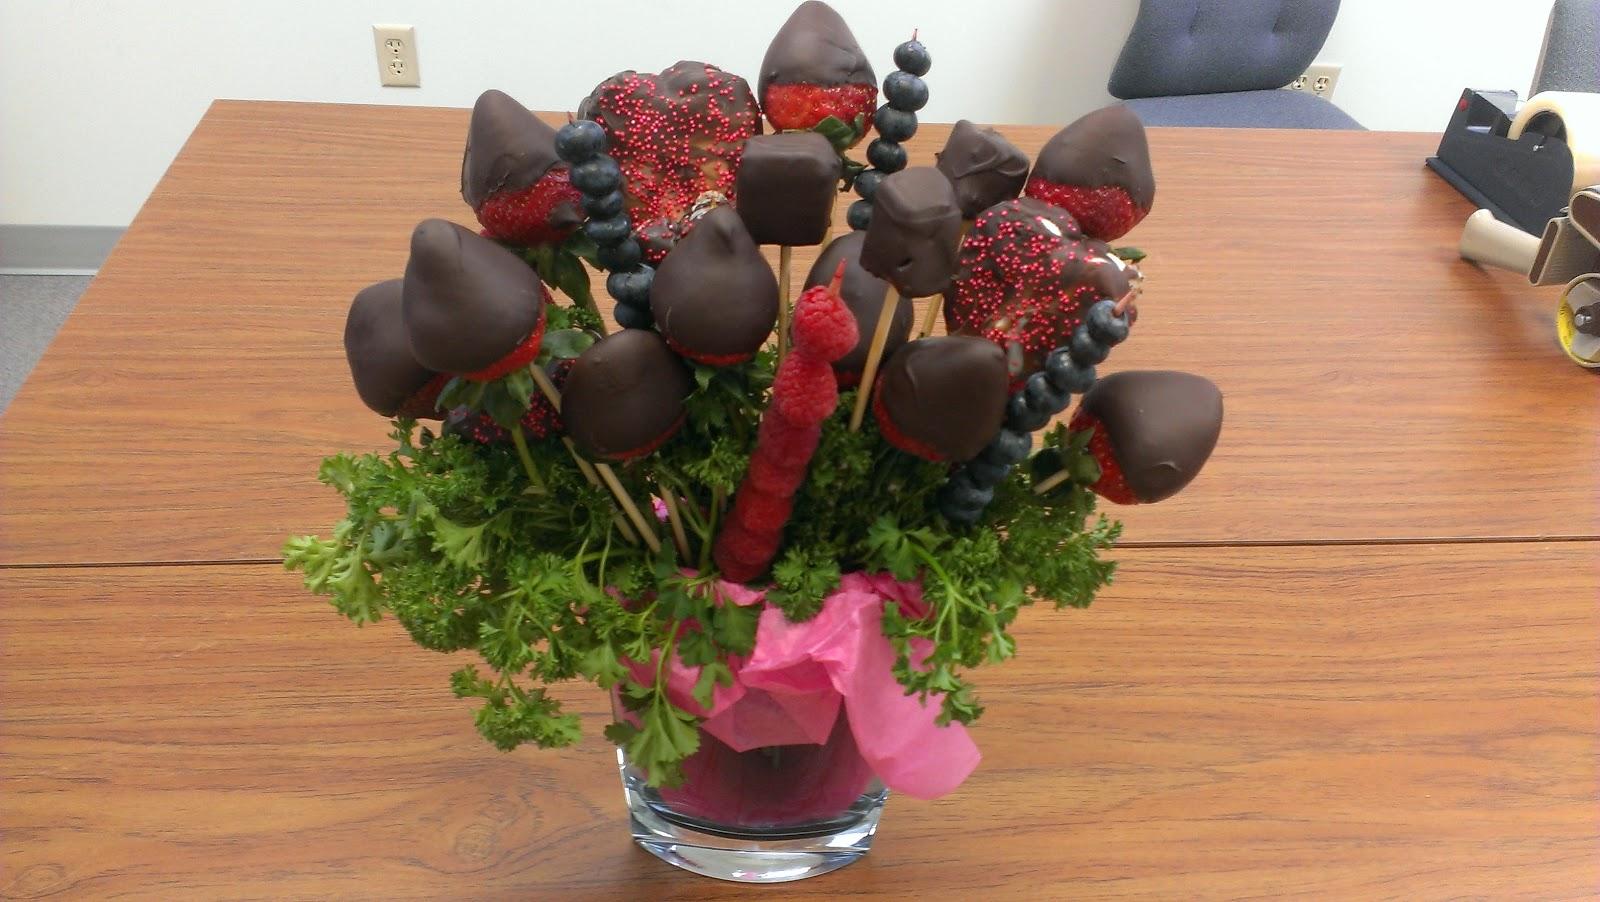 csokiba martott eper csokor 1.jpg